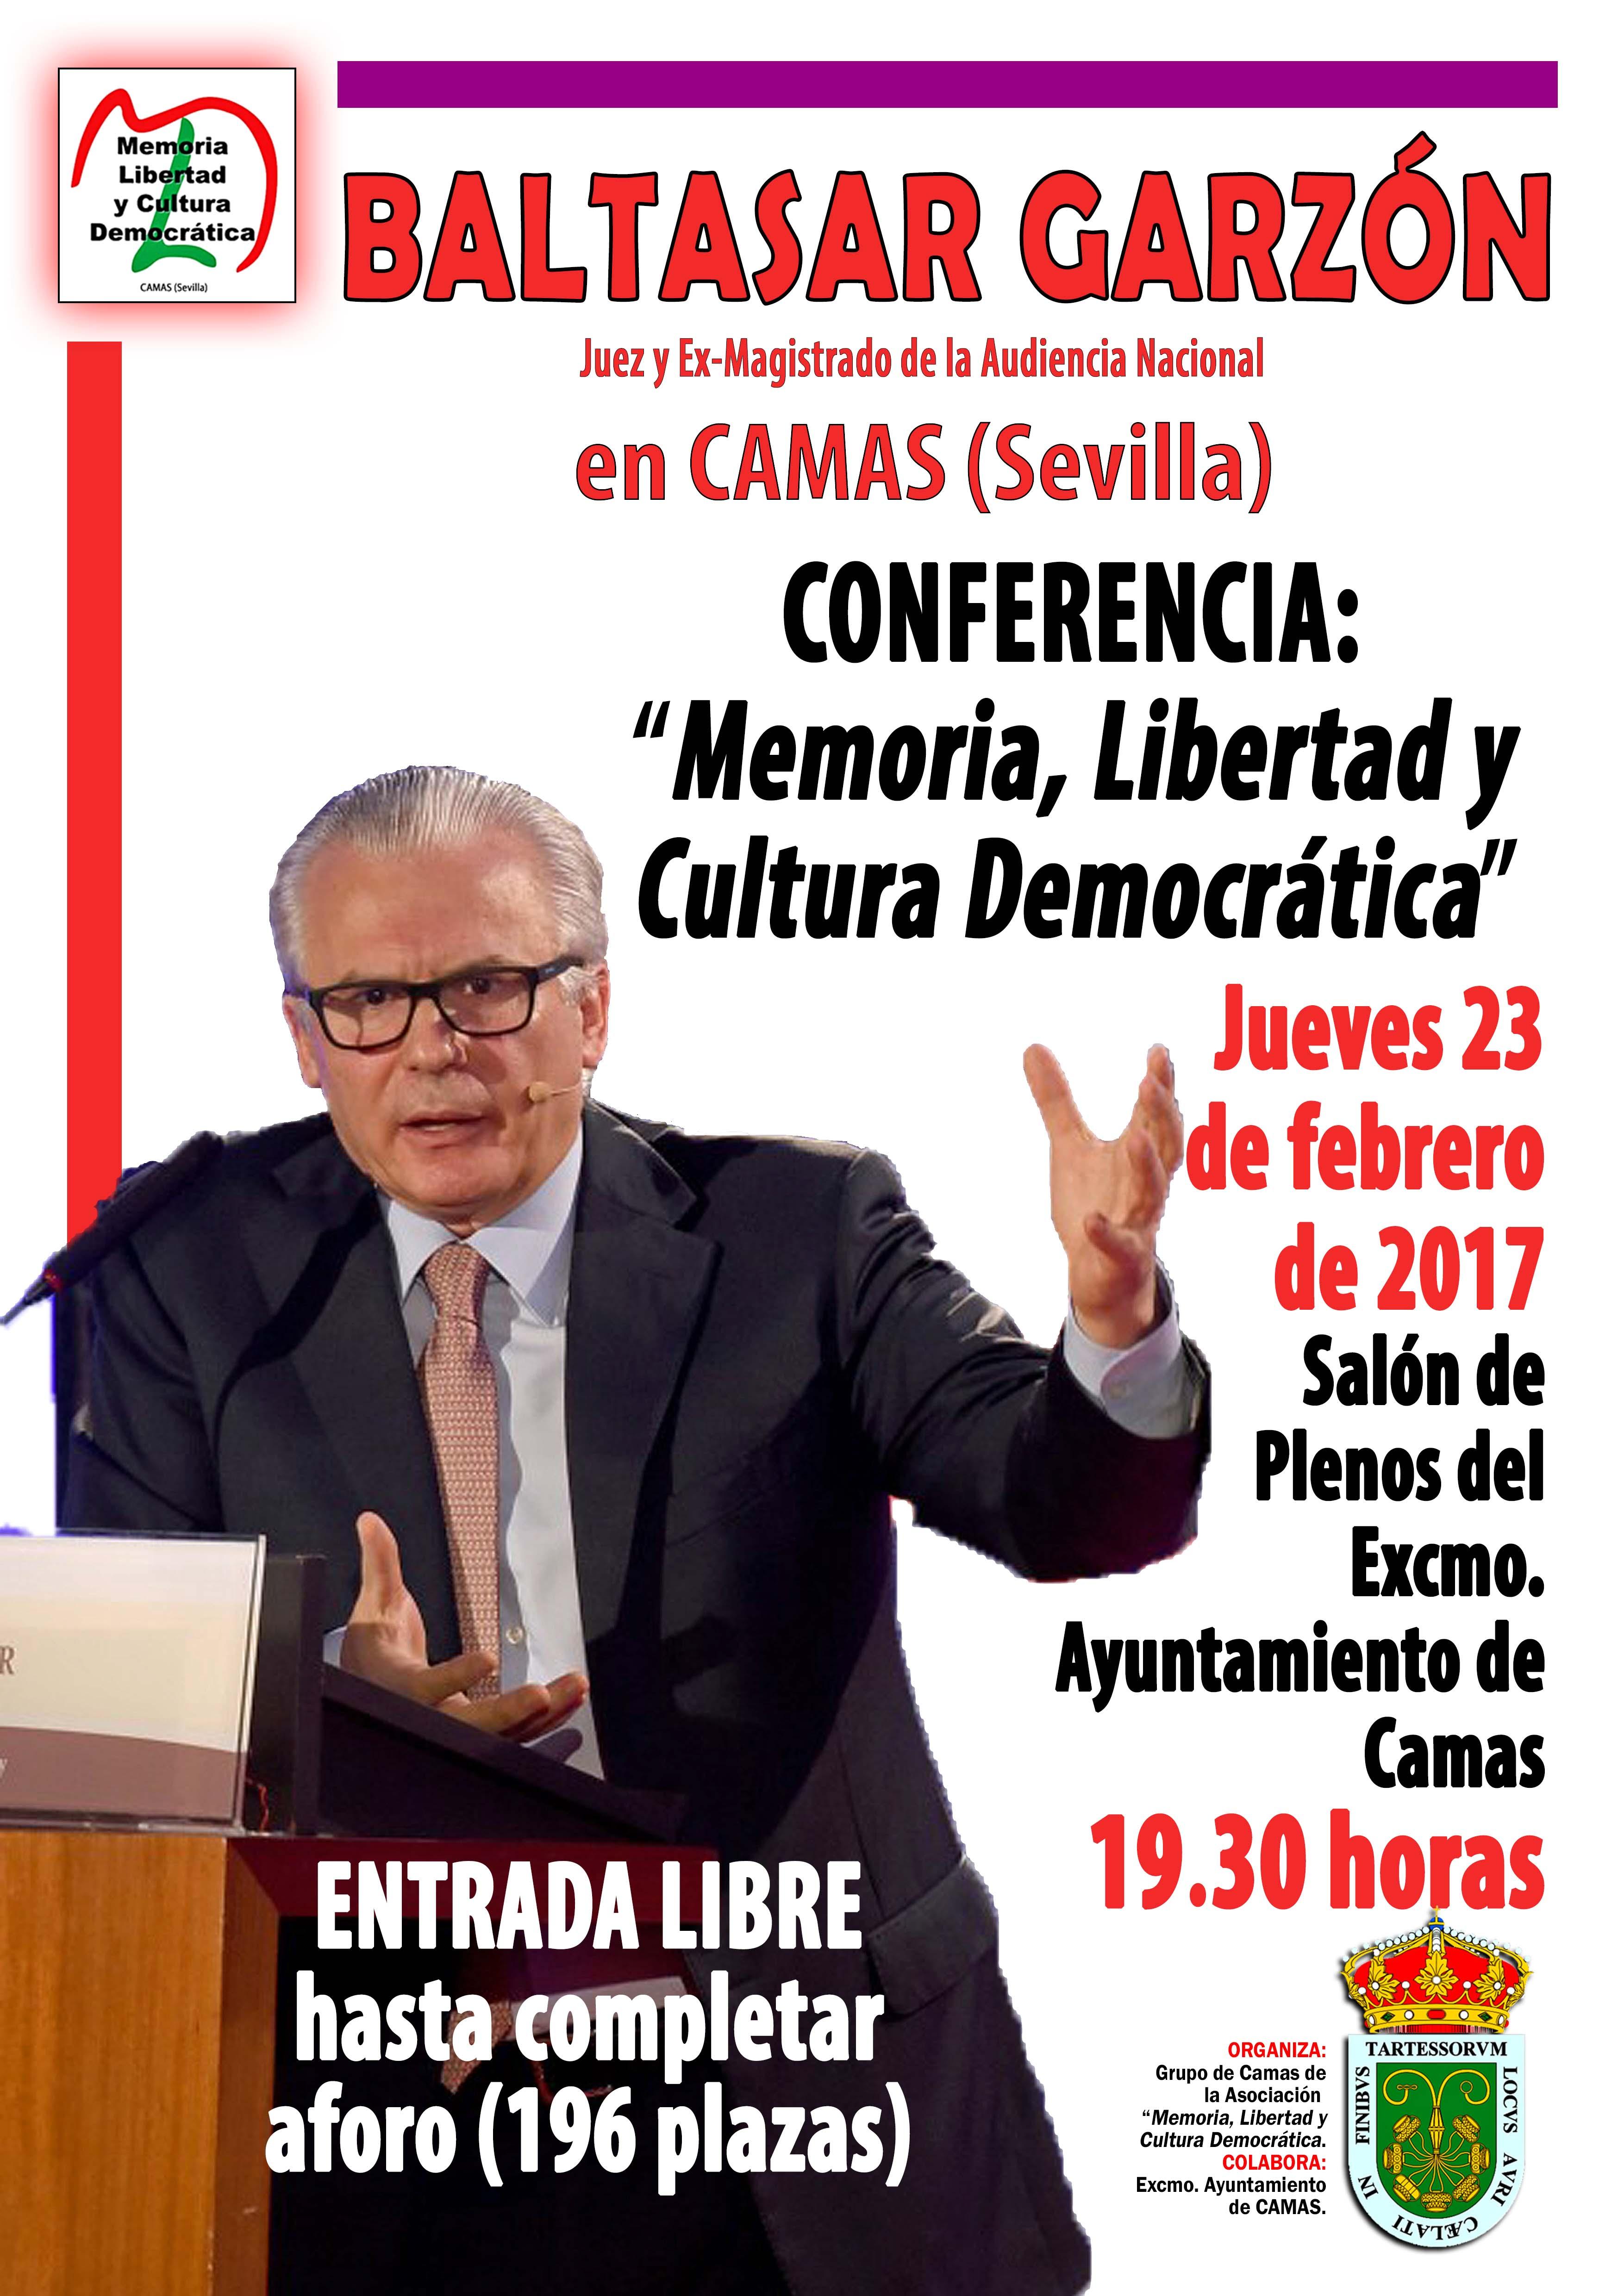 Conferencia Baltasar Garzón. 23.02.2017